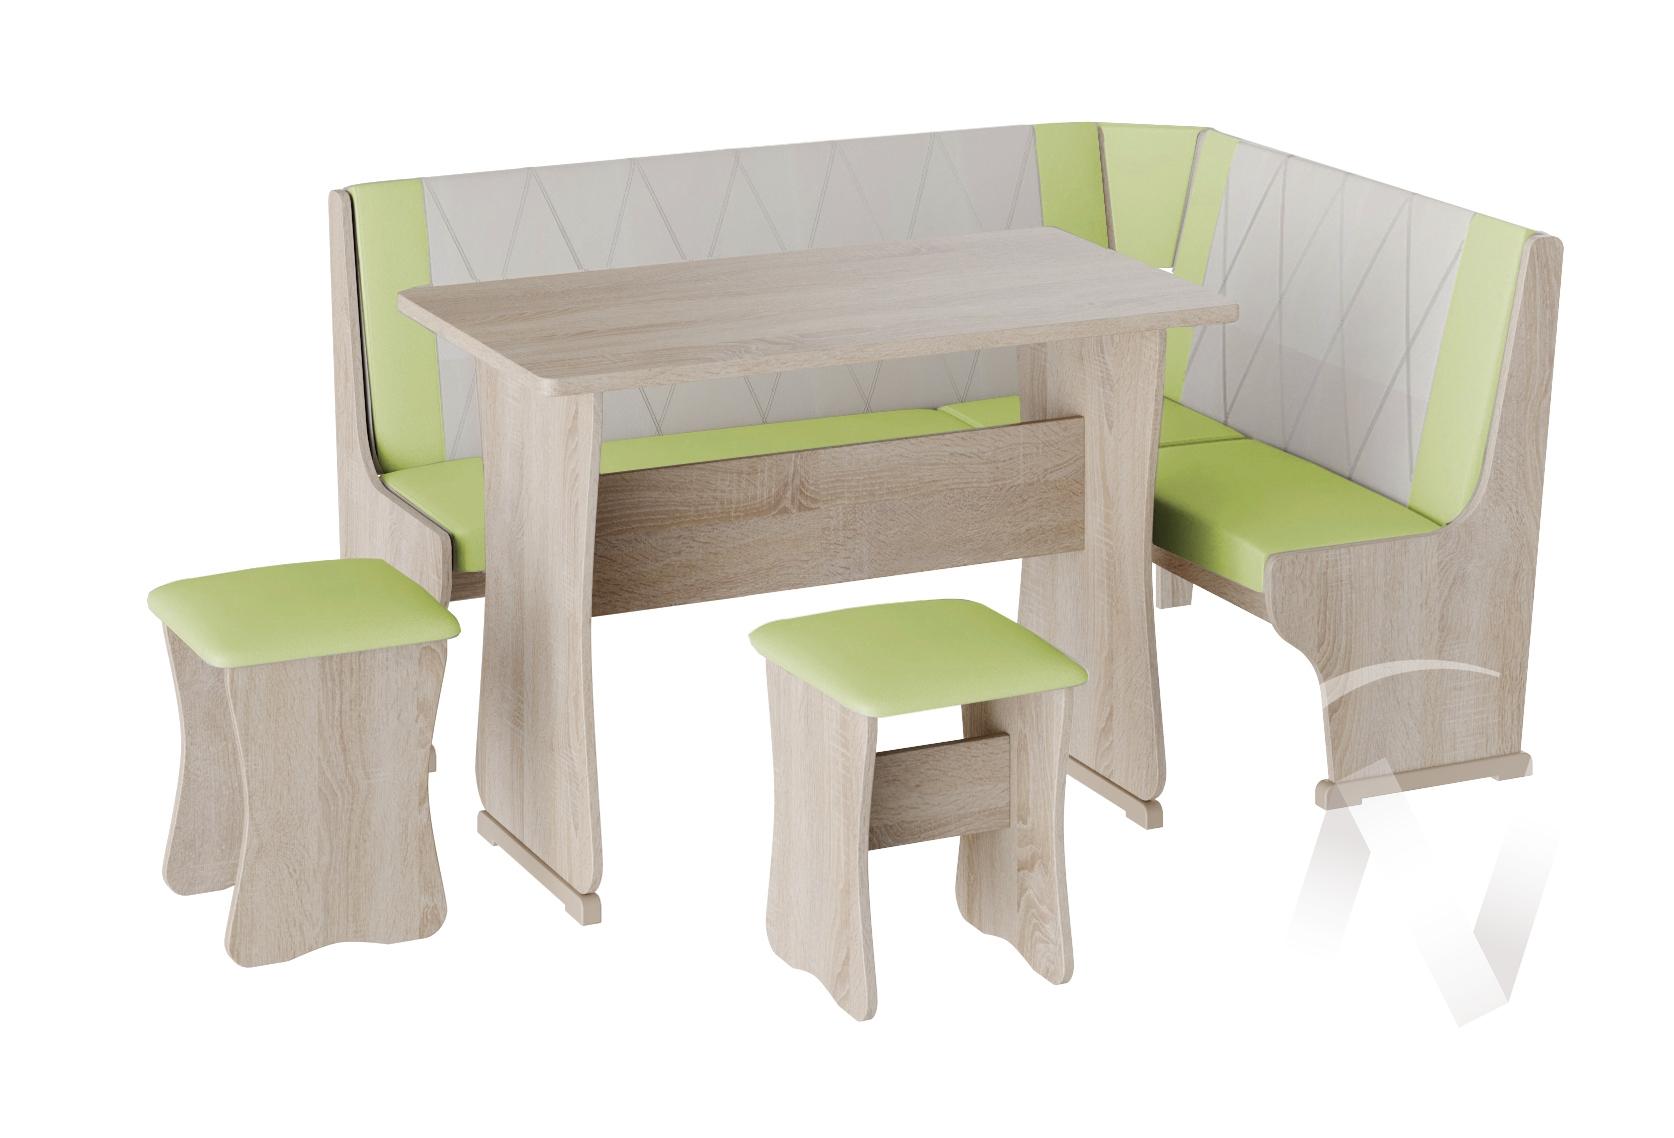 Кухонный уголок Гамма тип 2 кожзам (дуб сонома/фисташка,бежевый)  в Томске — интернет магазин МИРА-мебель